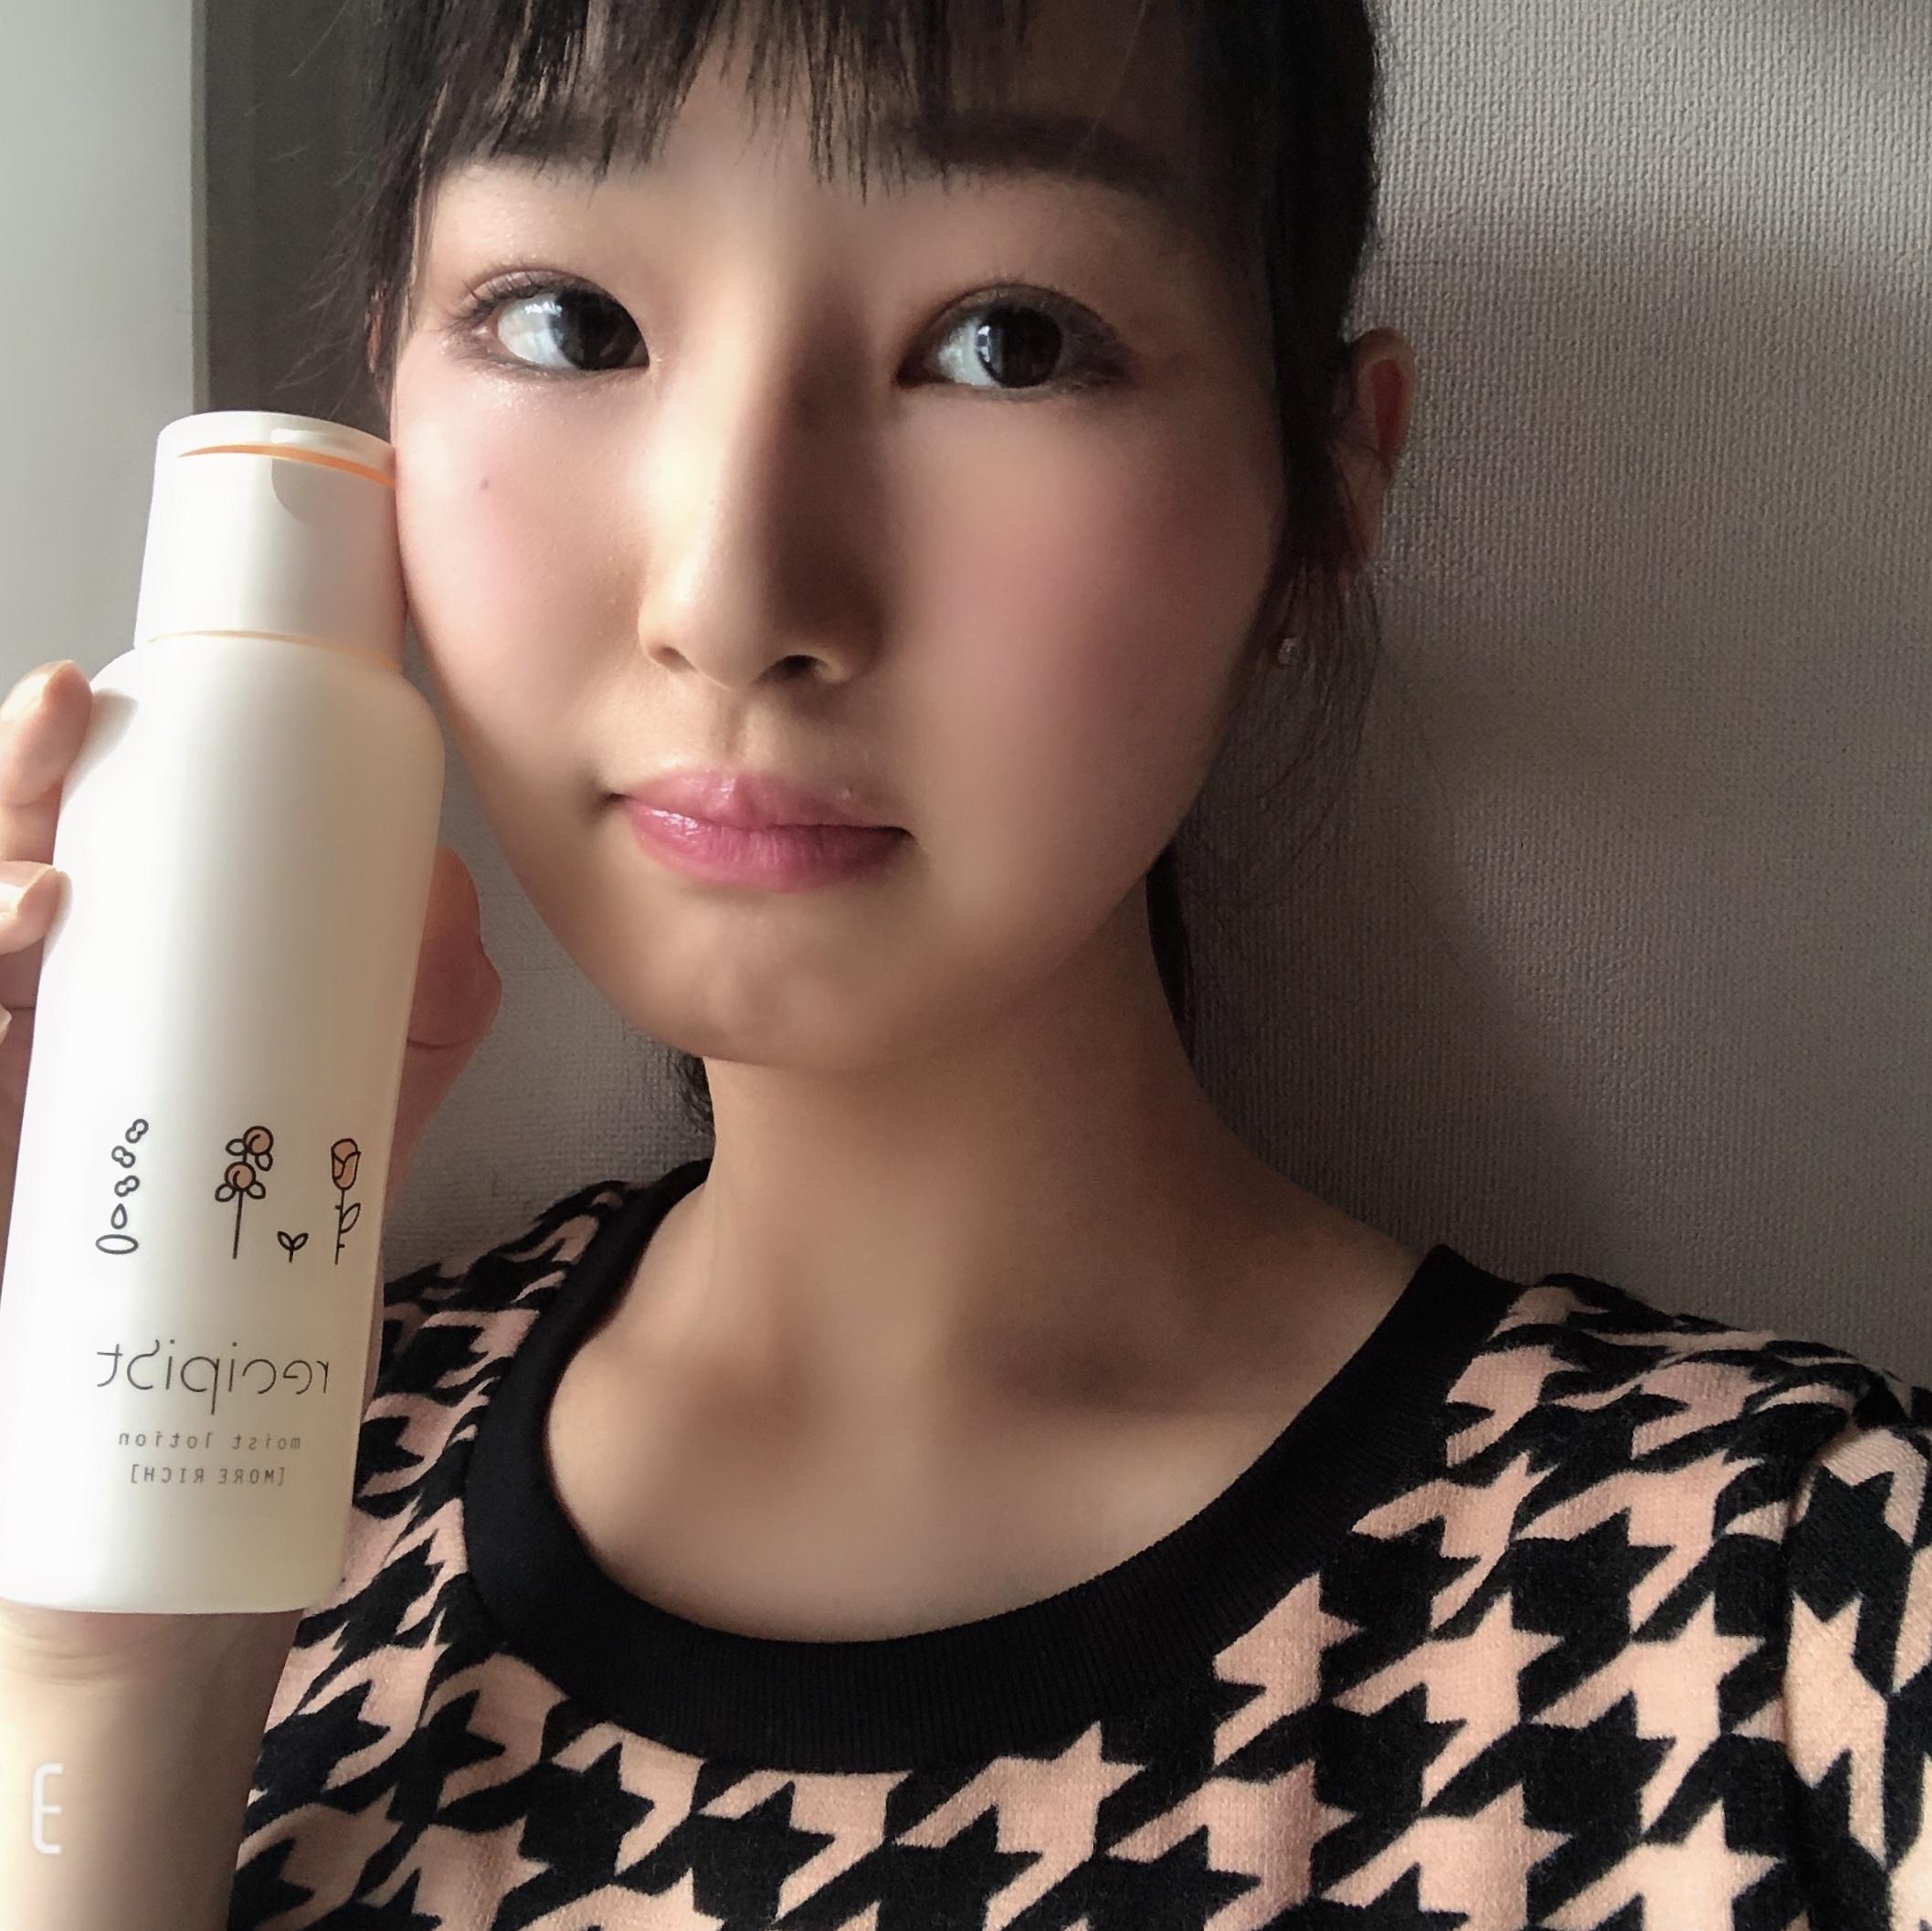 肌に優しい保湿化粧水がたったの590円!?【資生堂recipist】_1_2